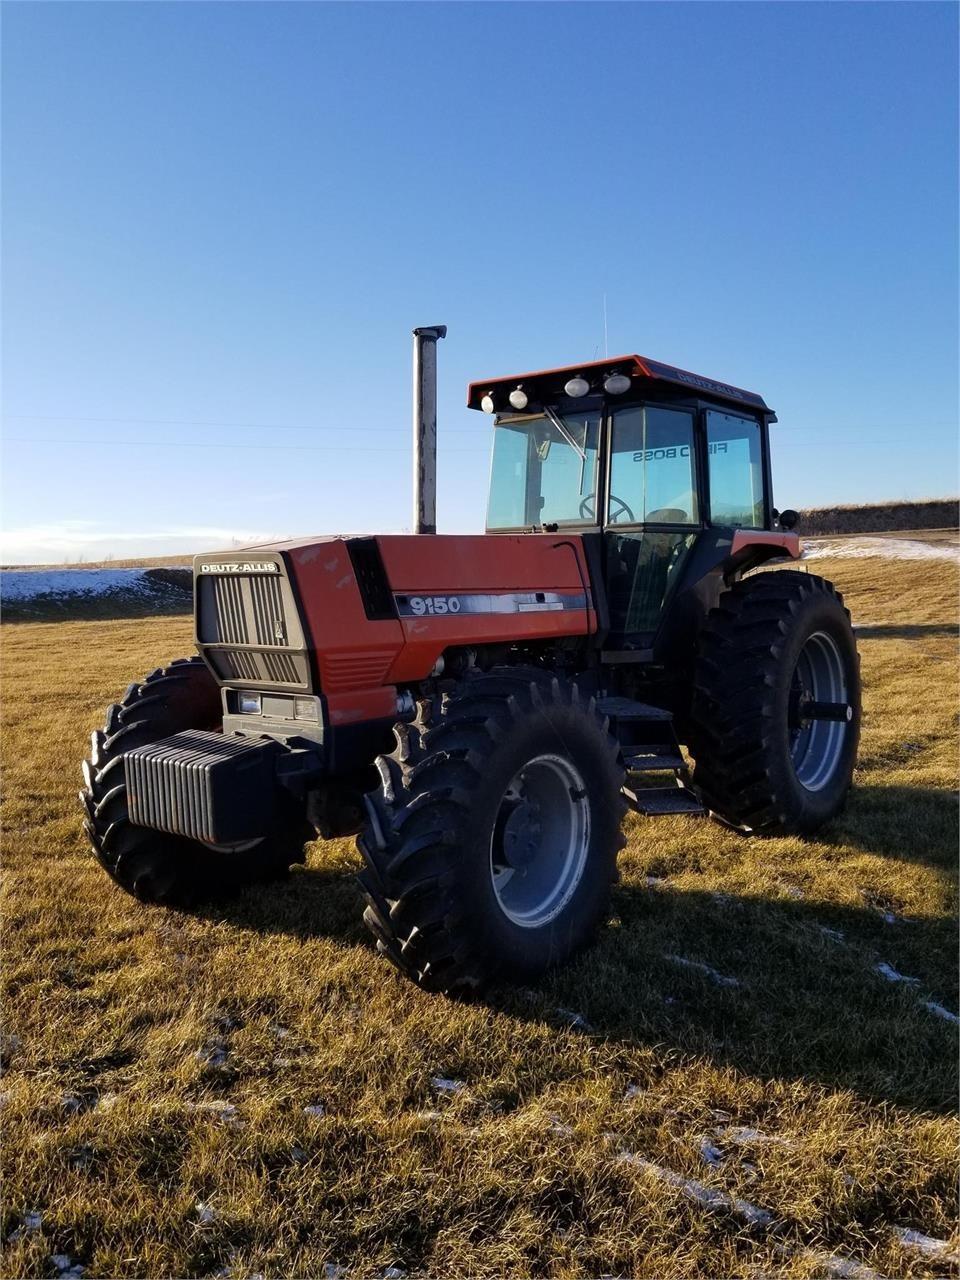 1991 Deutz-Allis 9150 Tractor